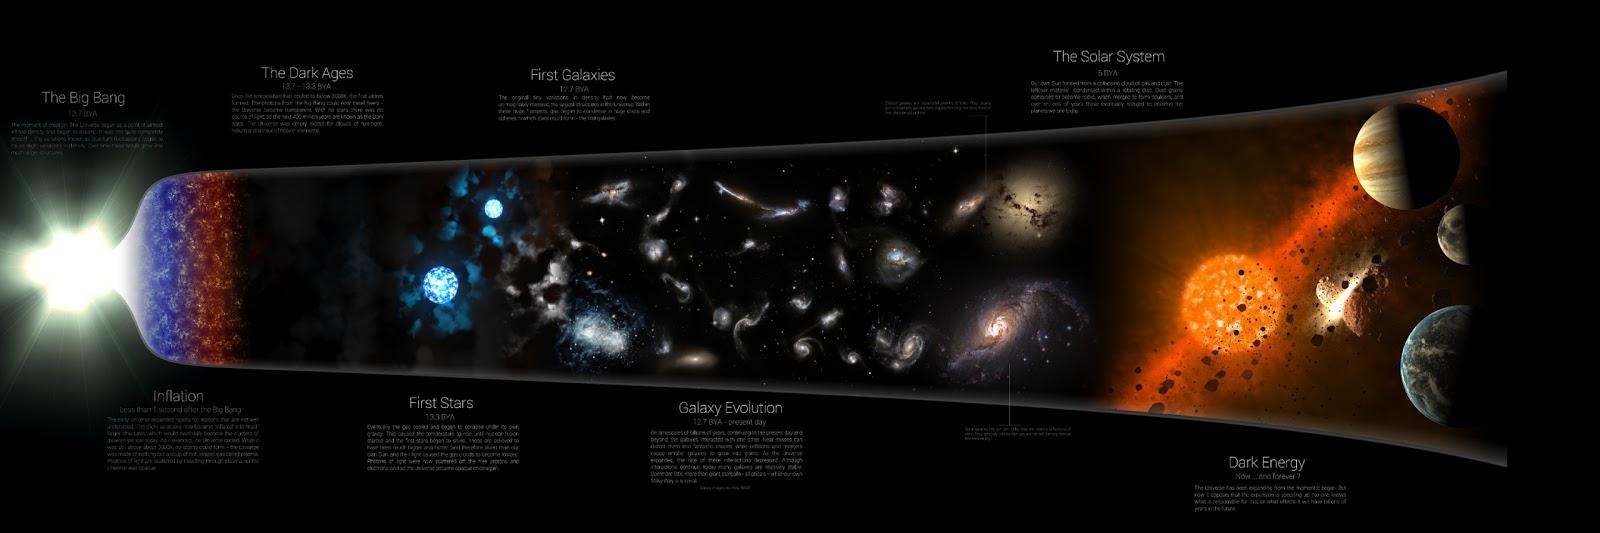 solar system big bang theory - photo #24